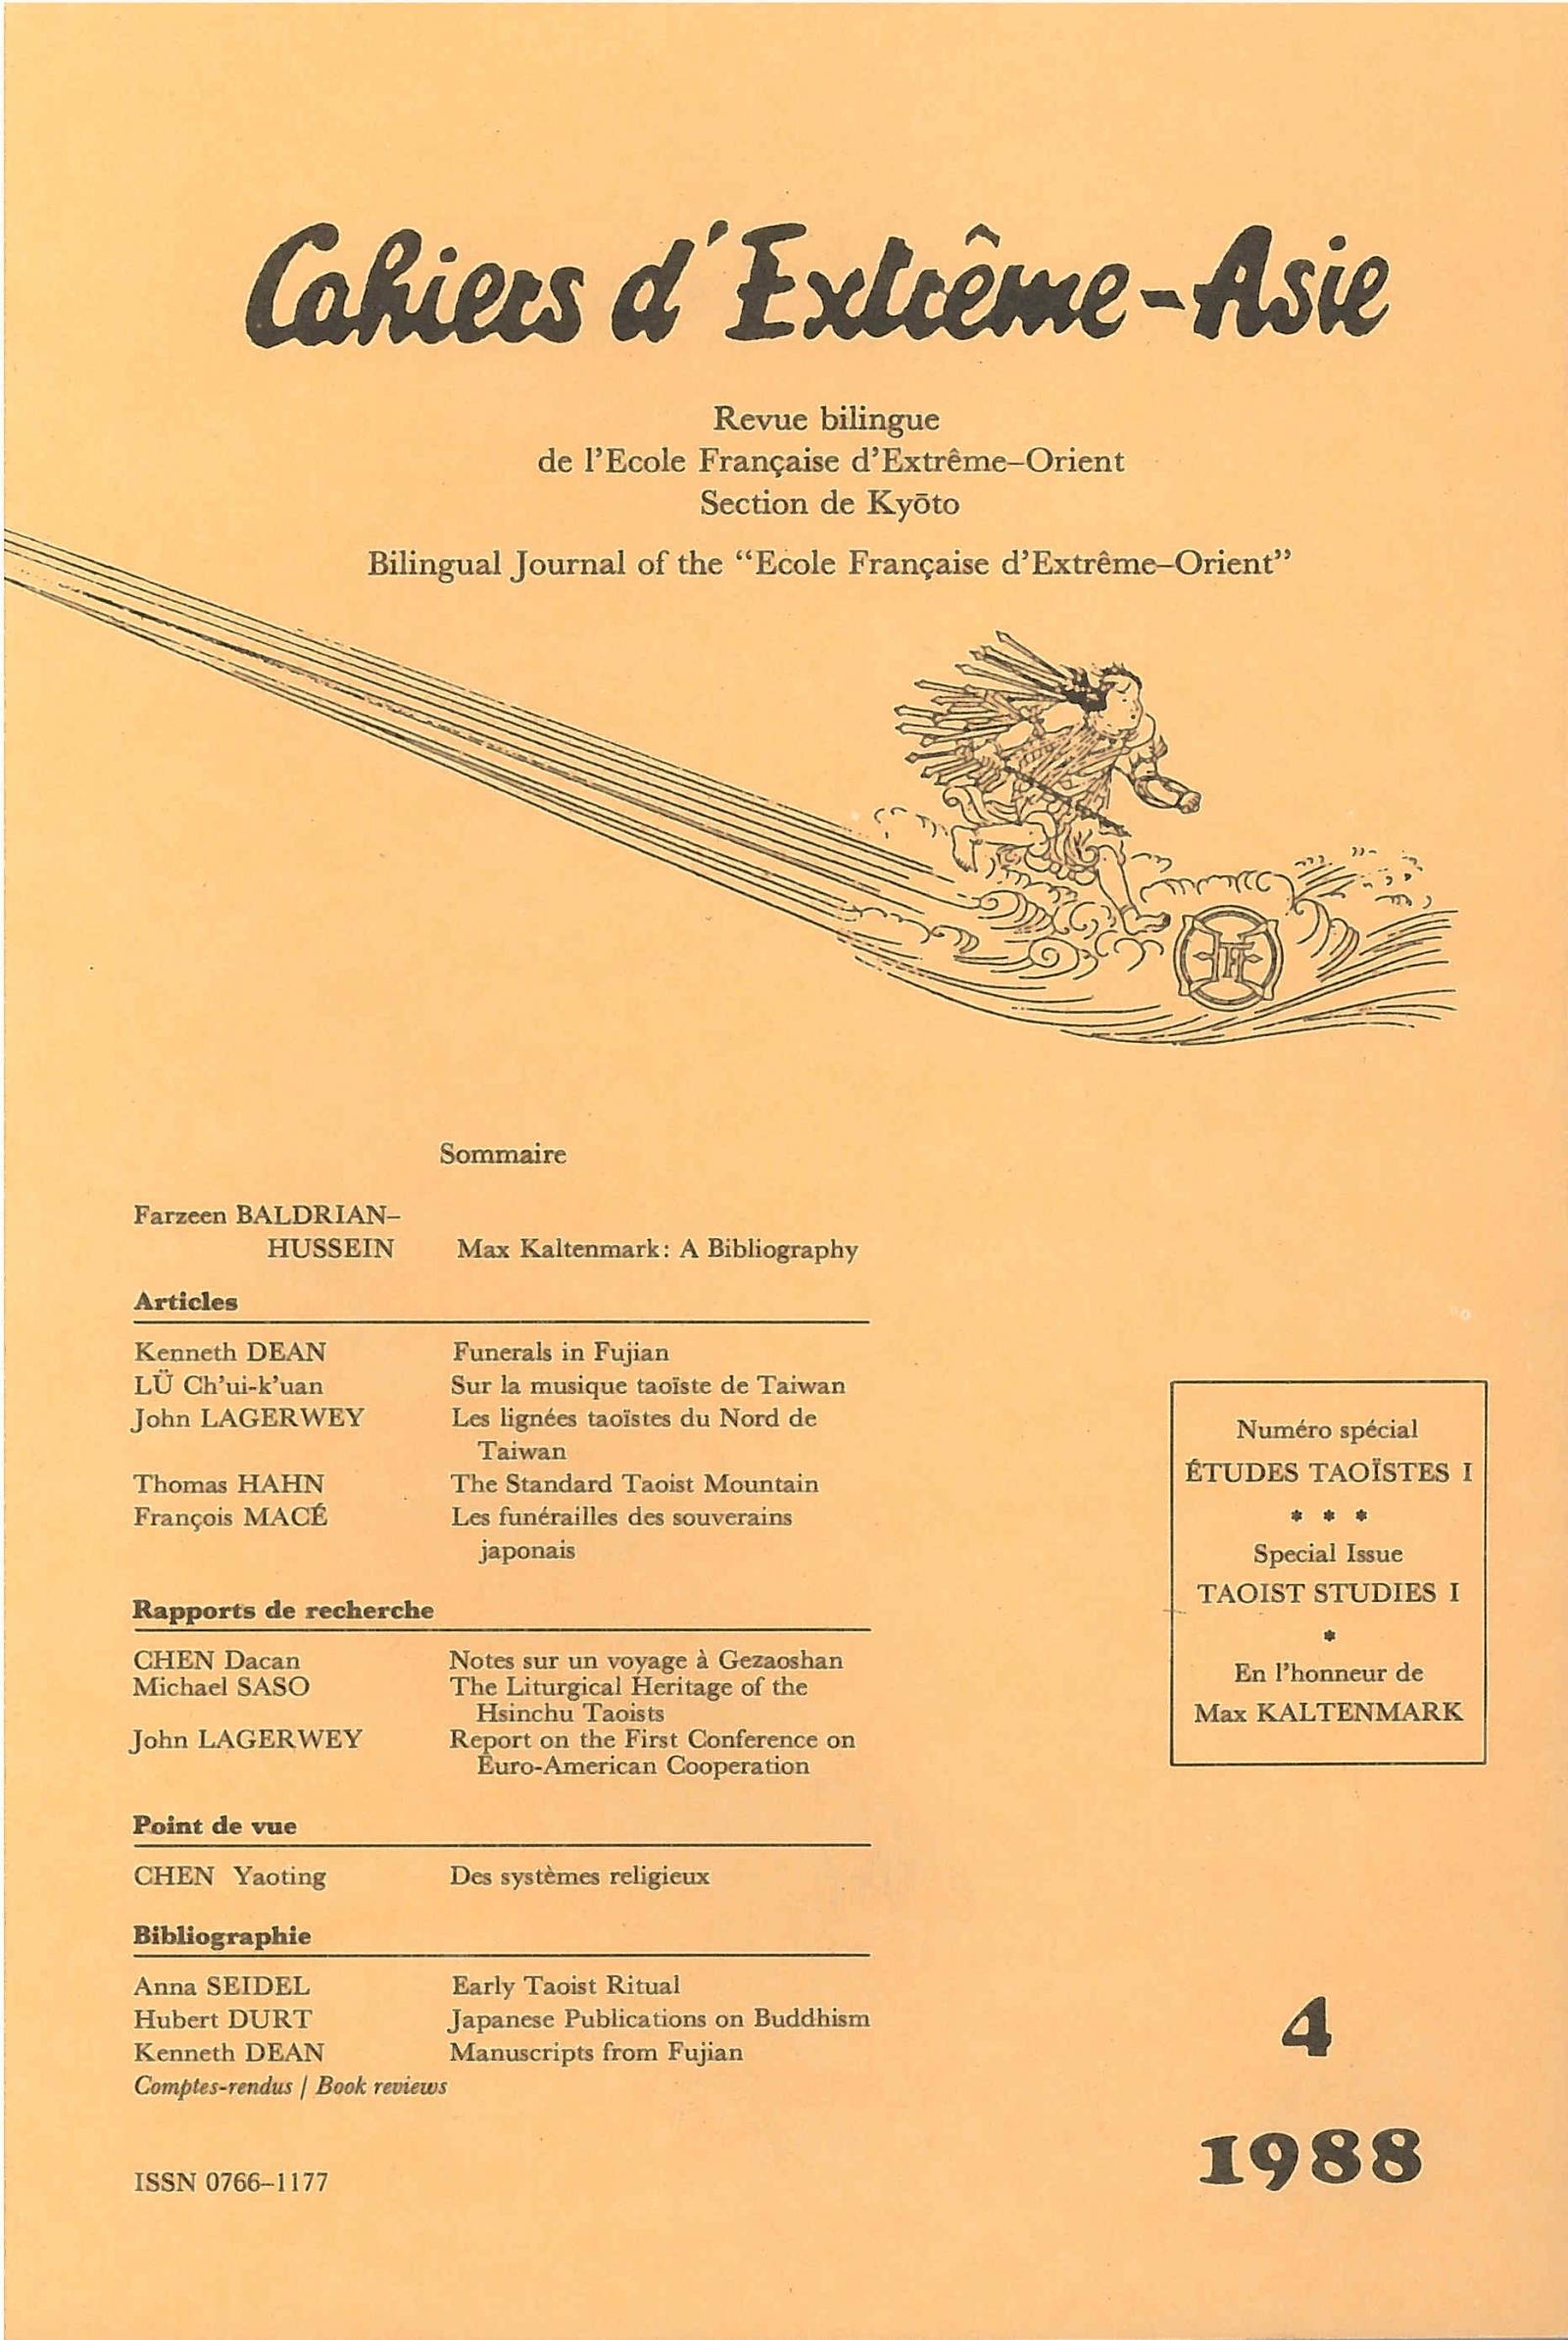 Cahiers d'Extrême-Asie 4 (1988)